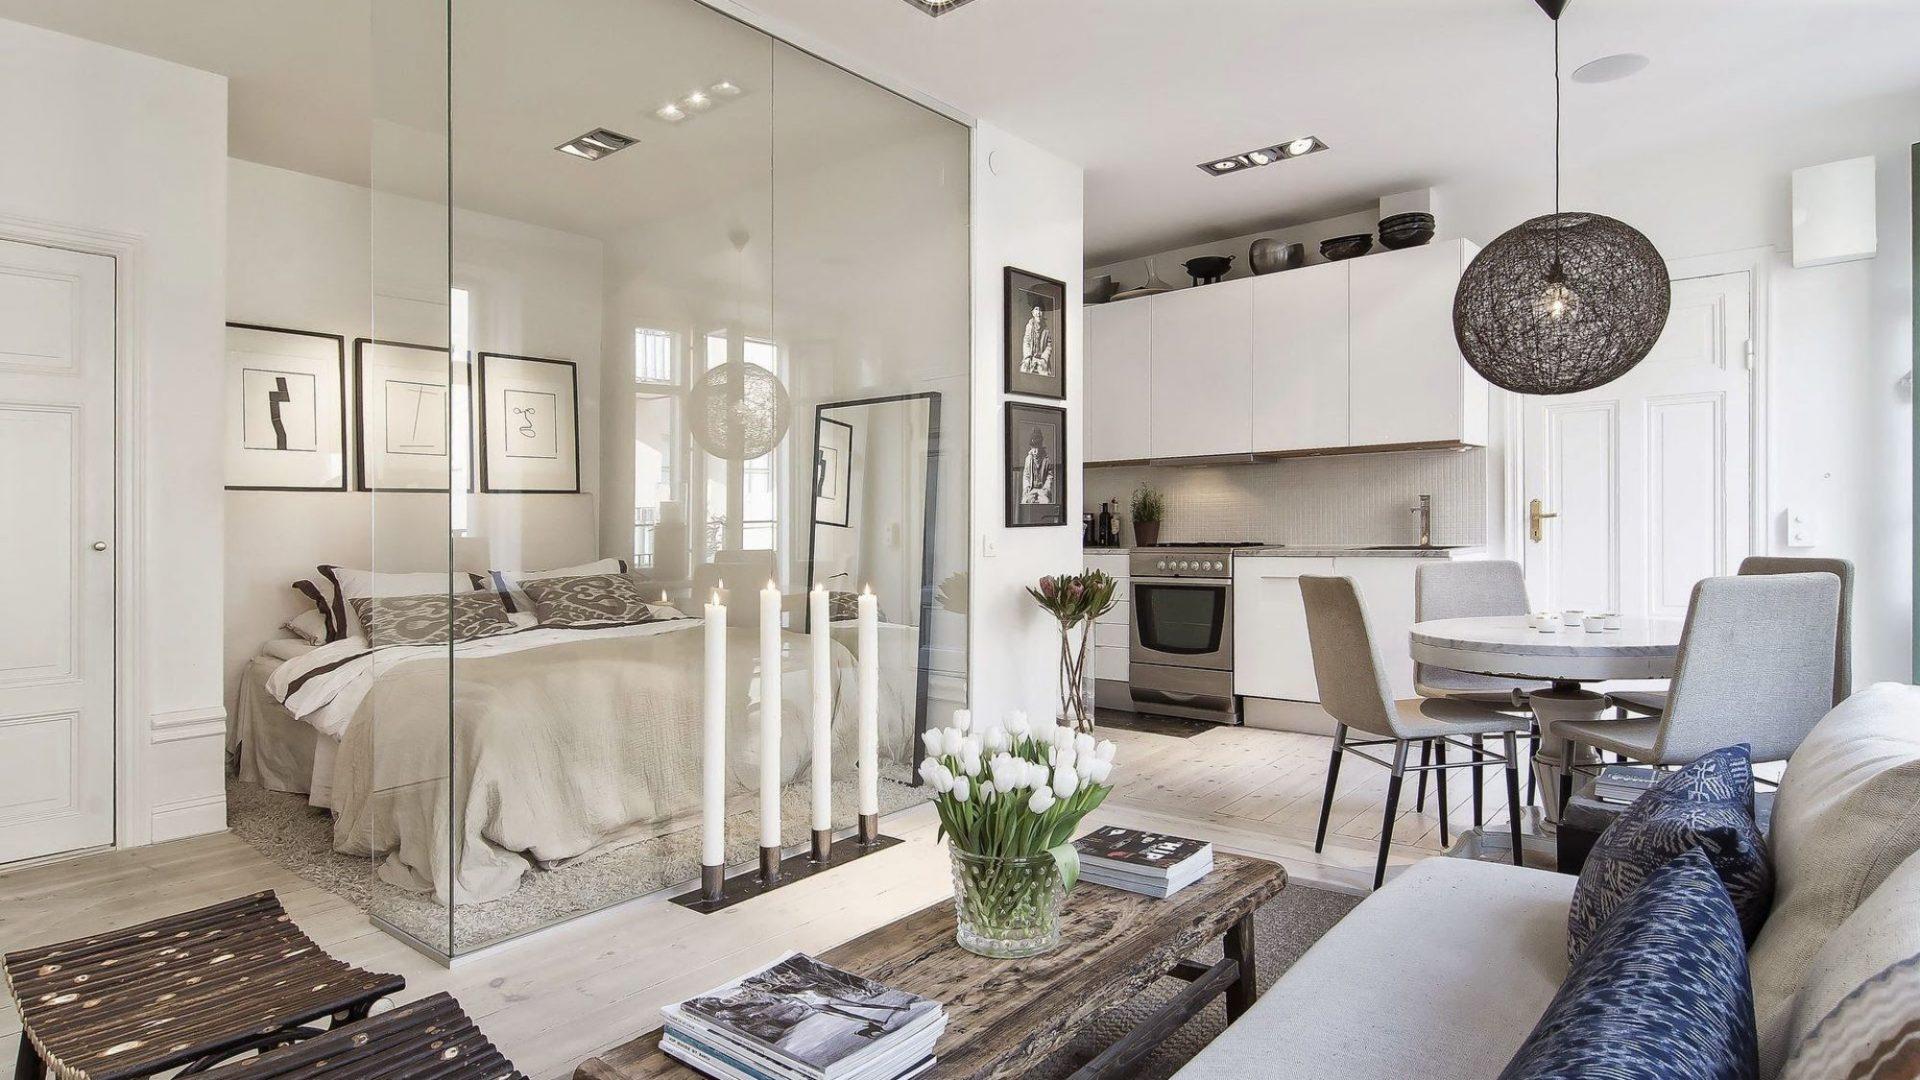 скляні перегородки в квартирі